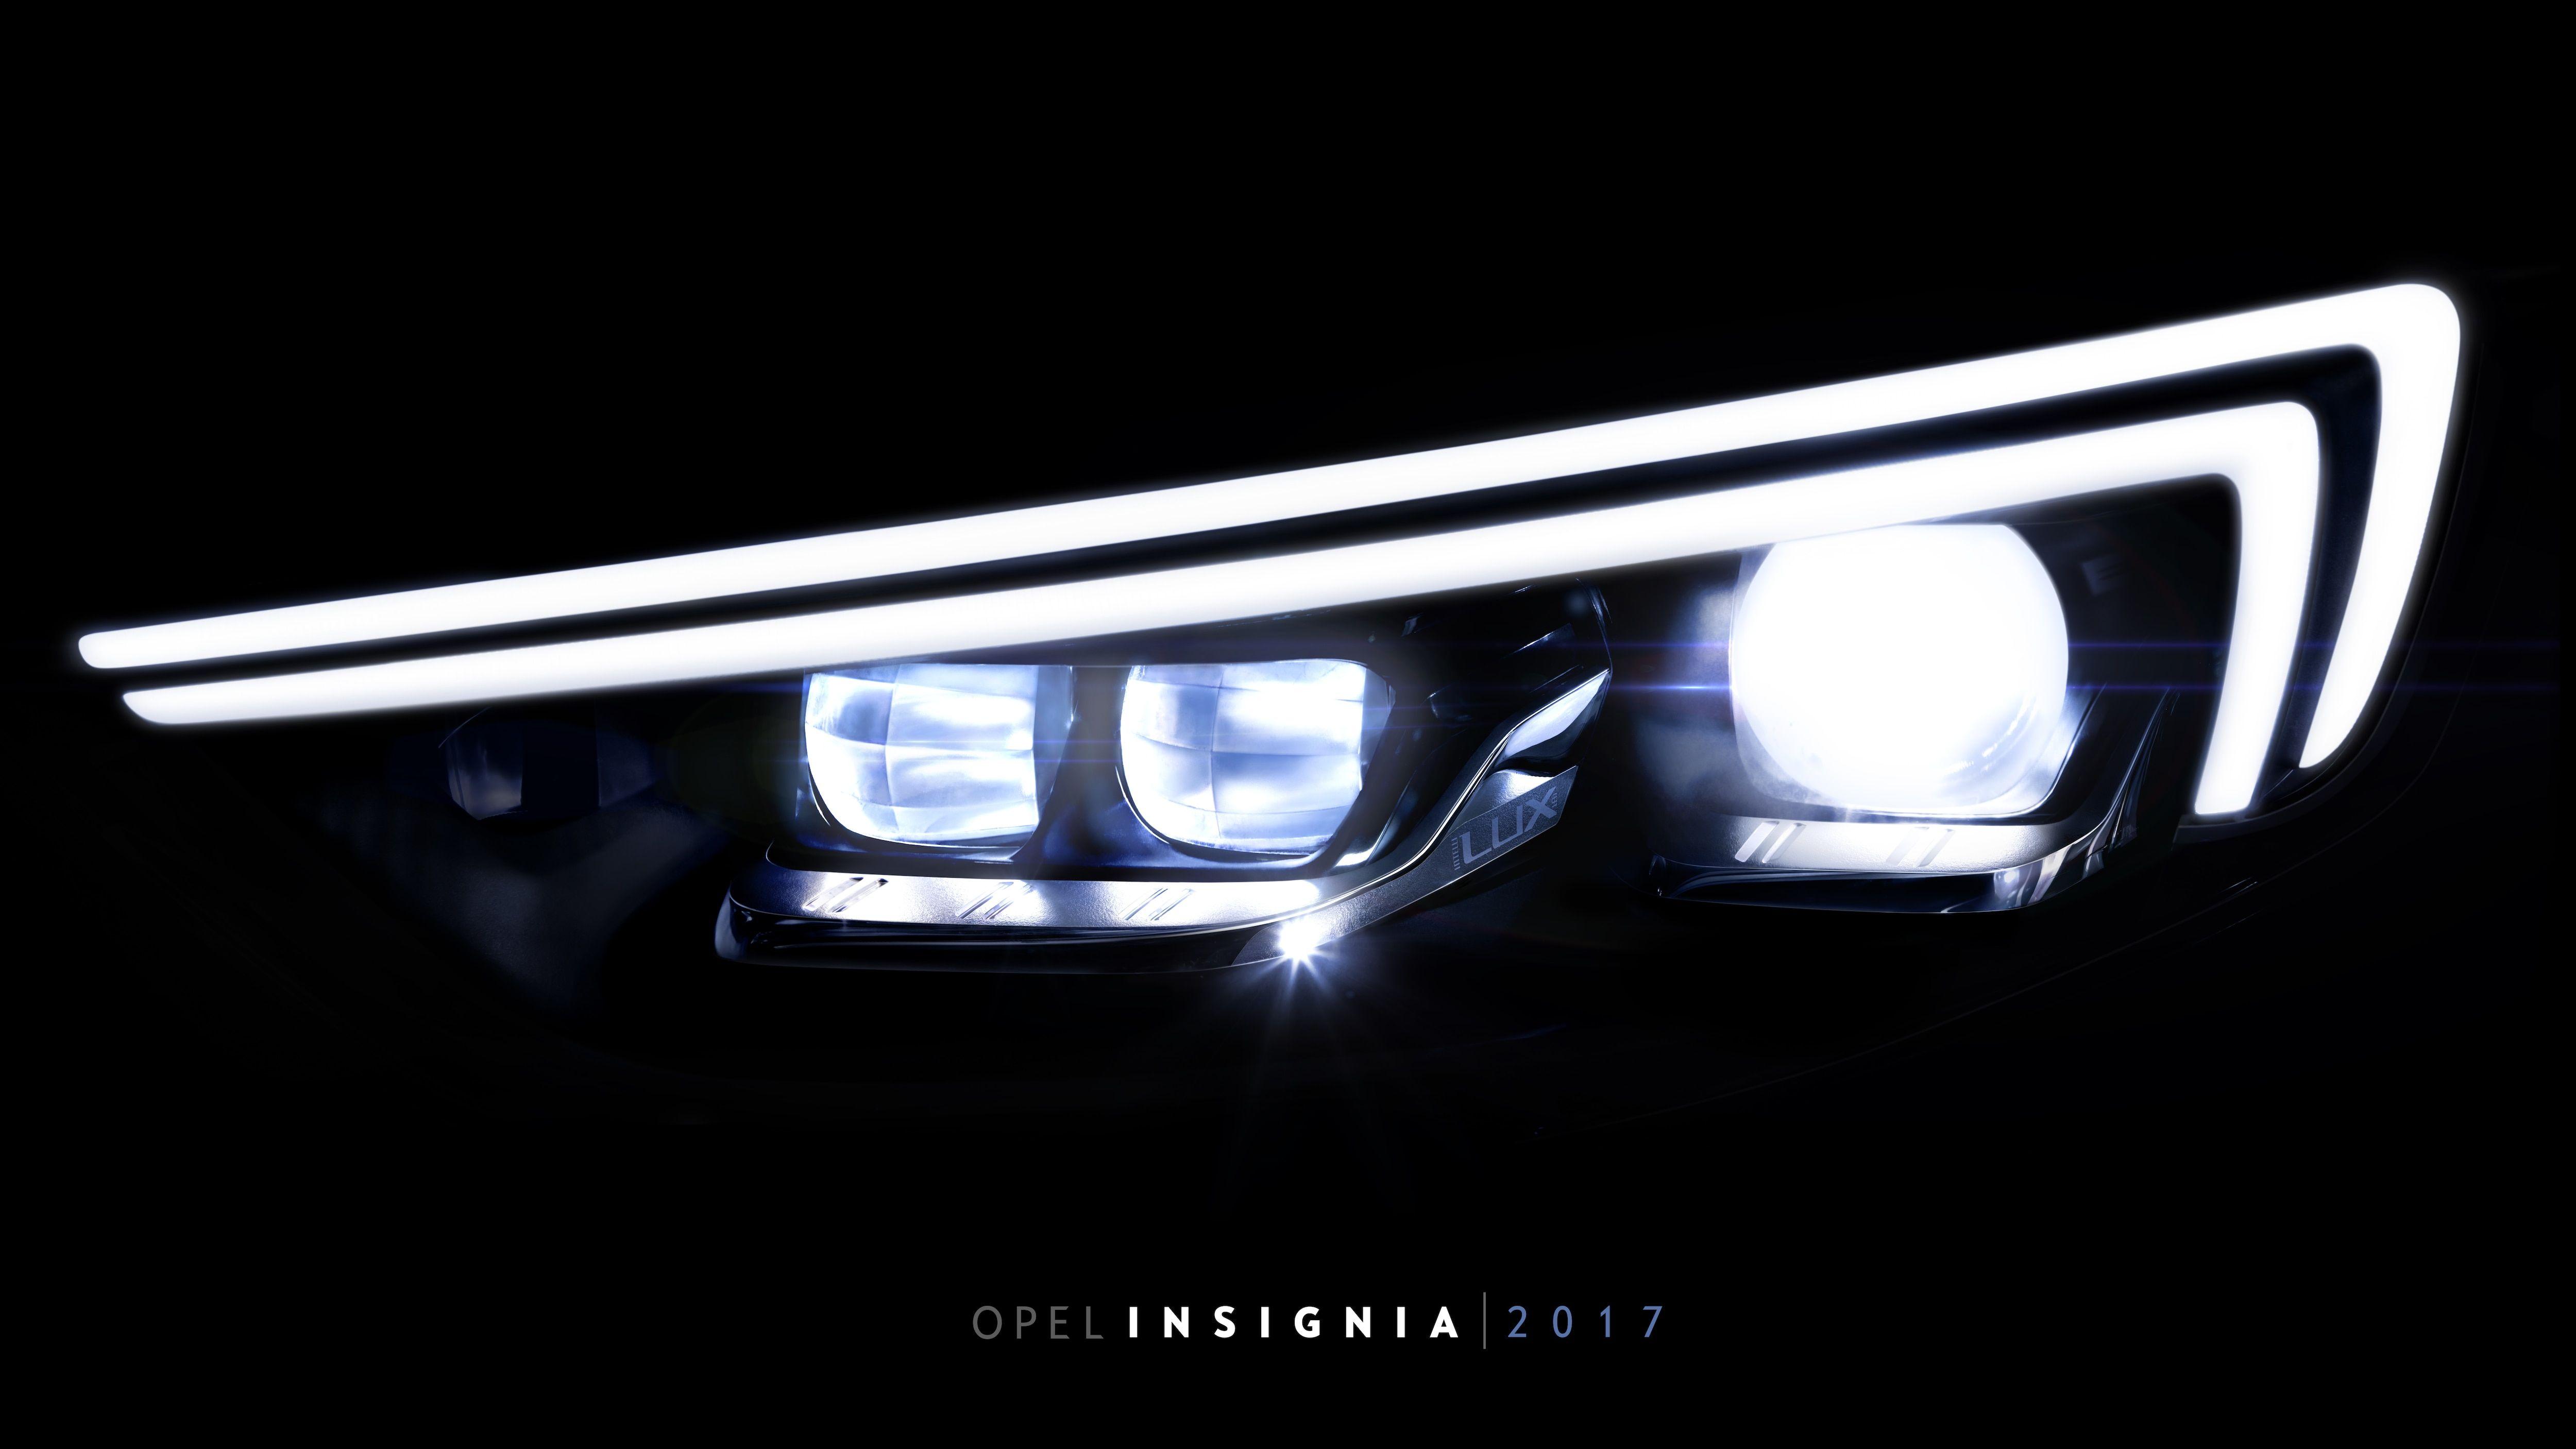 Una nueva experiencia de conducción. Los faros Intellilux LED de Opel